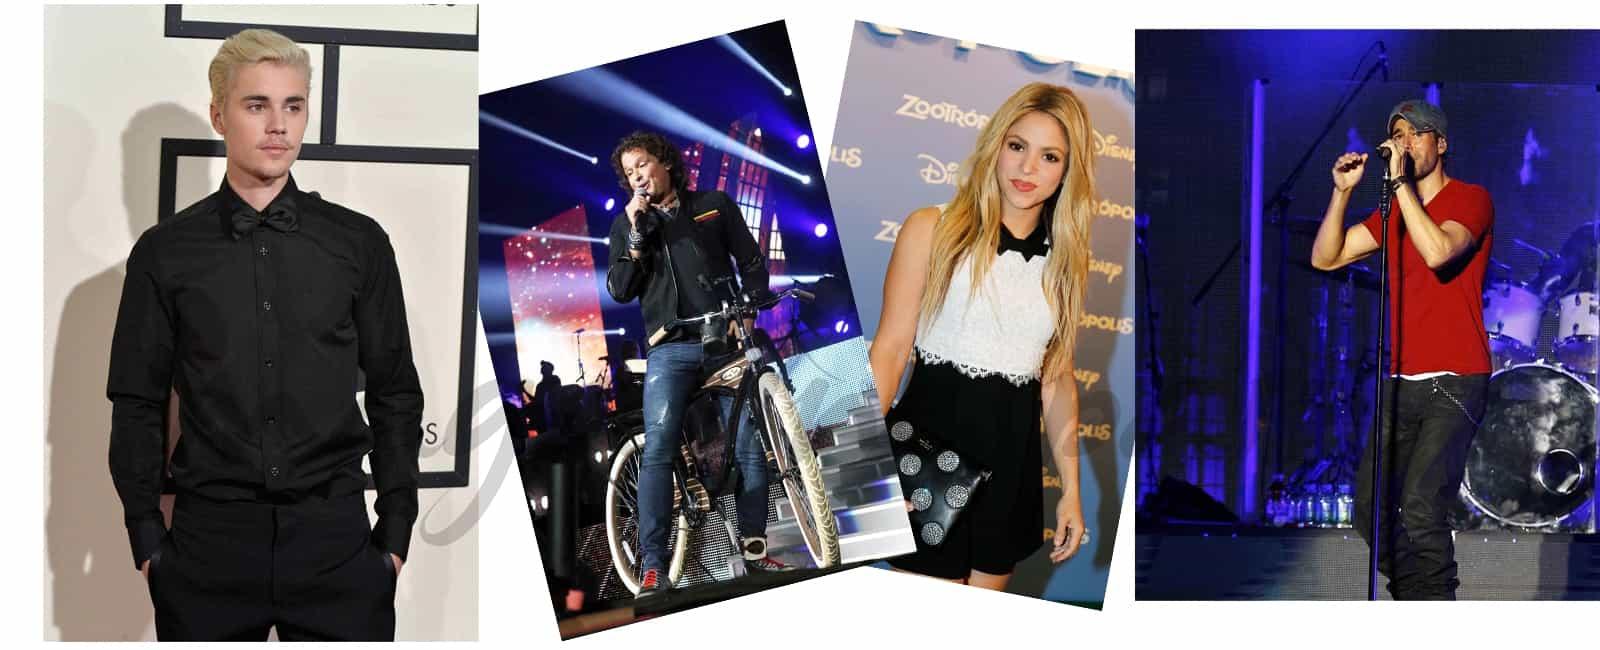 Shakira y Carlos Vives, Enrique Iglesias y Justin Bieber con Major Lazer, elige la canción del verano